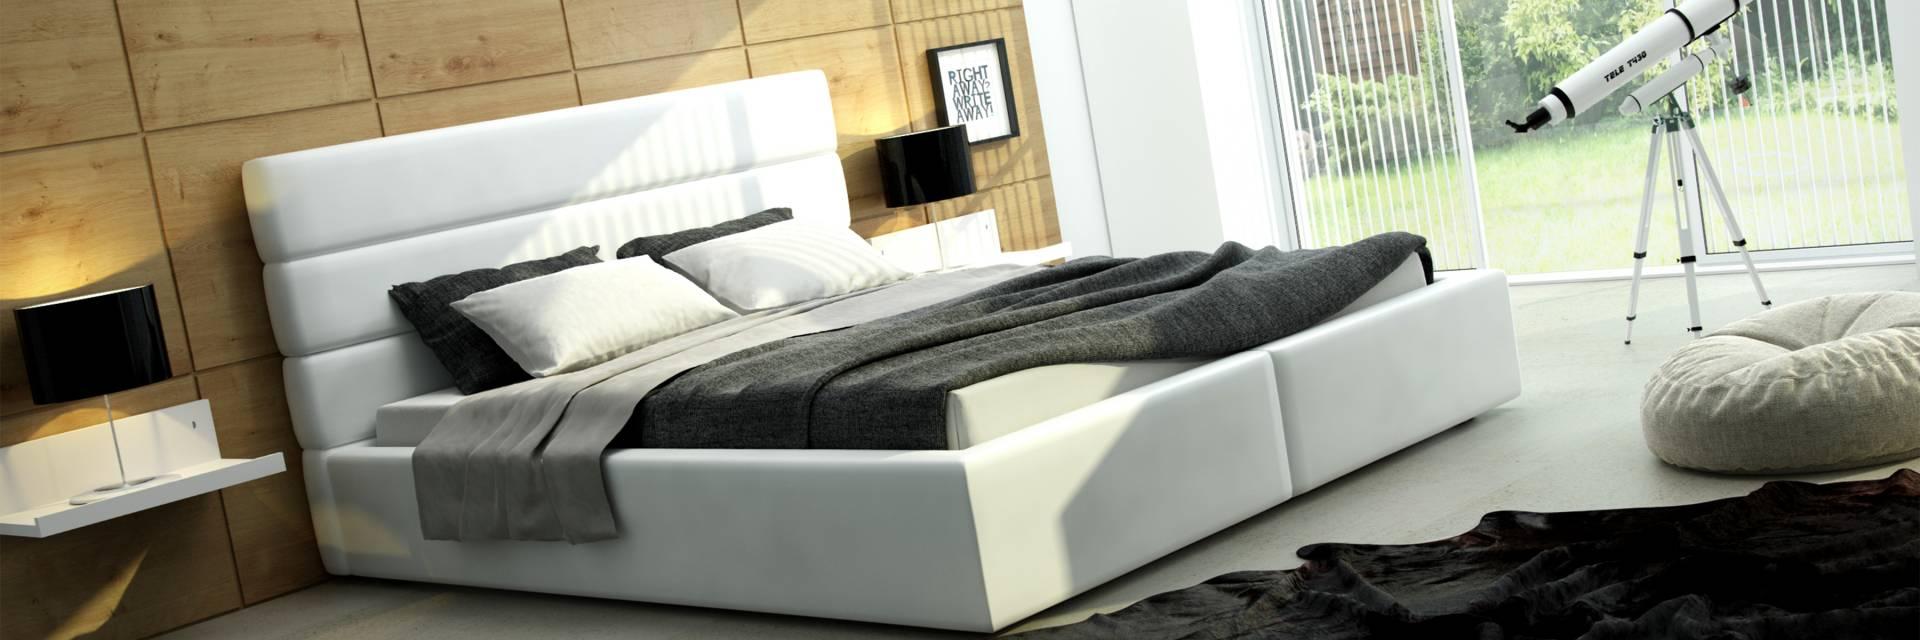 Łóżka Nowoczesne